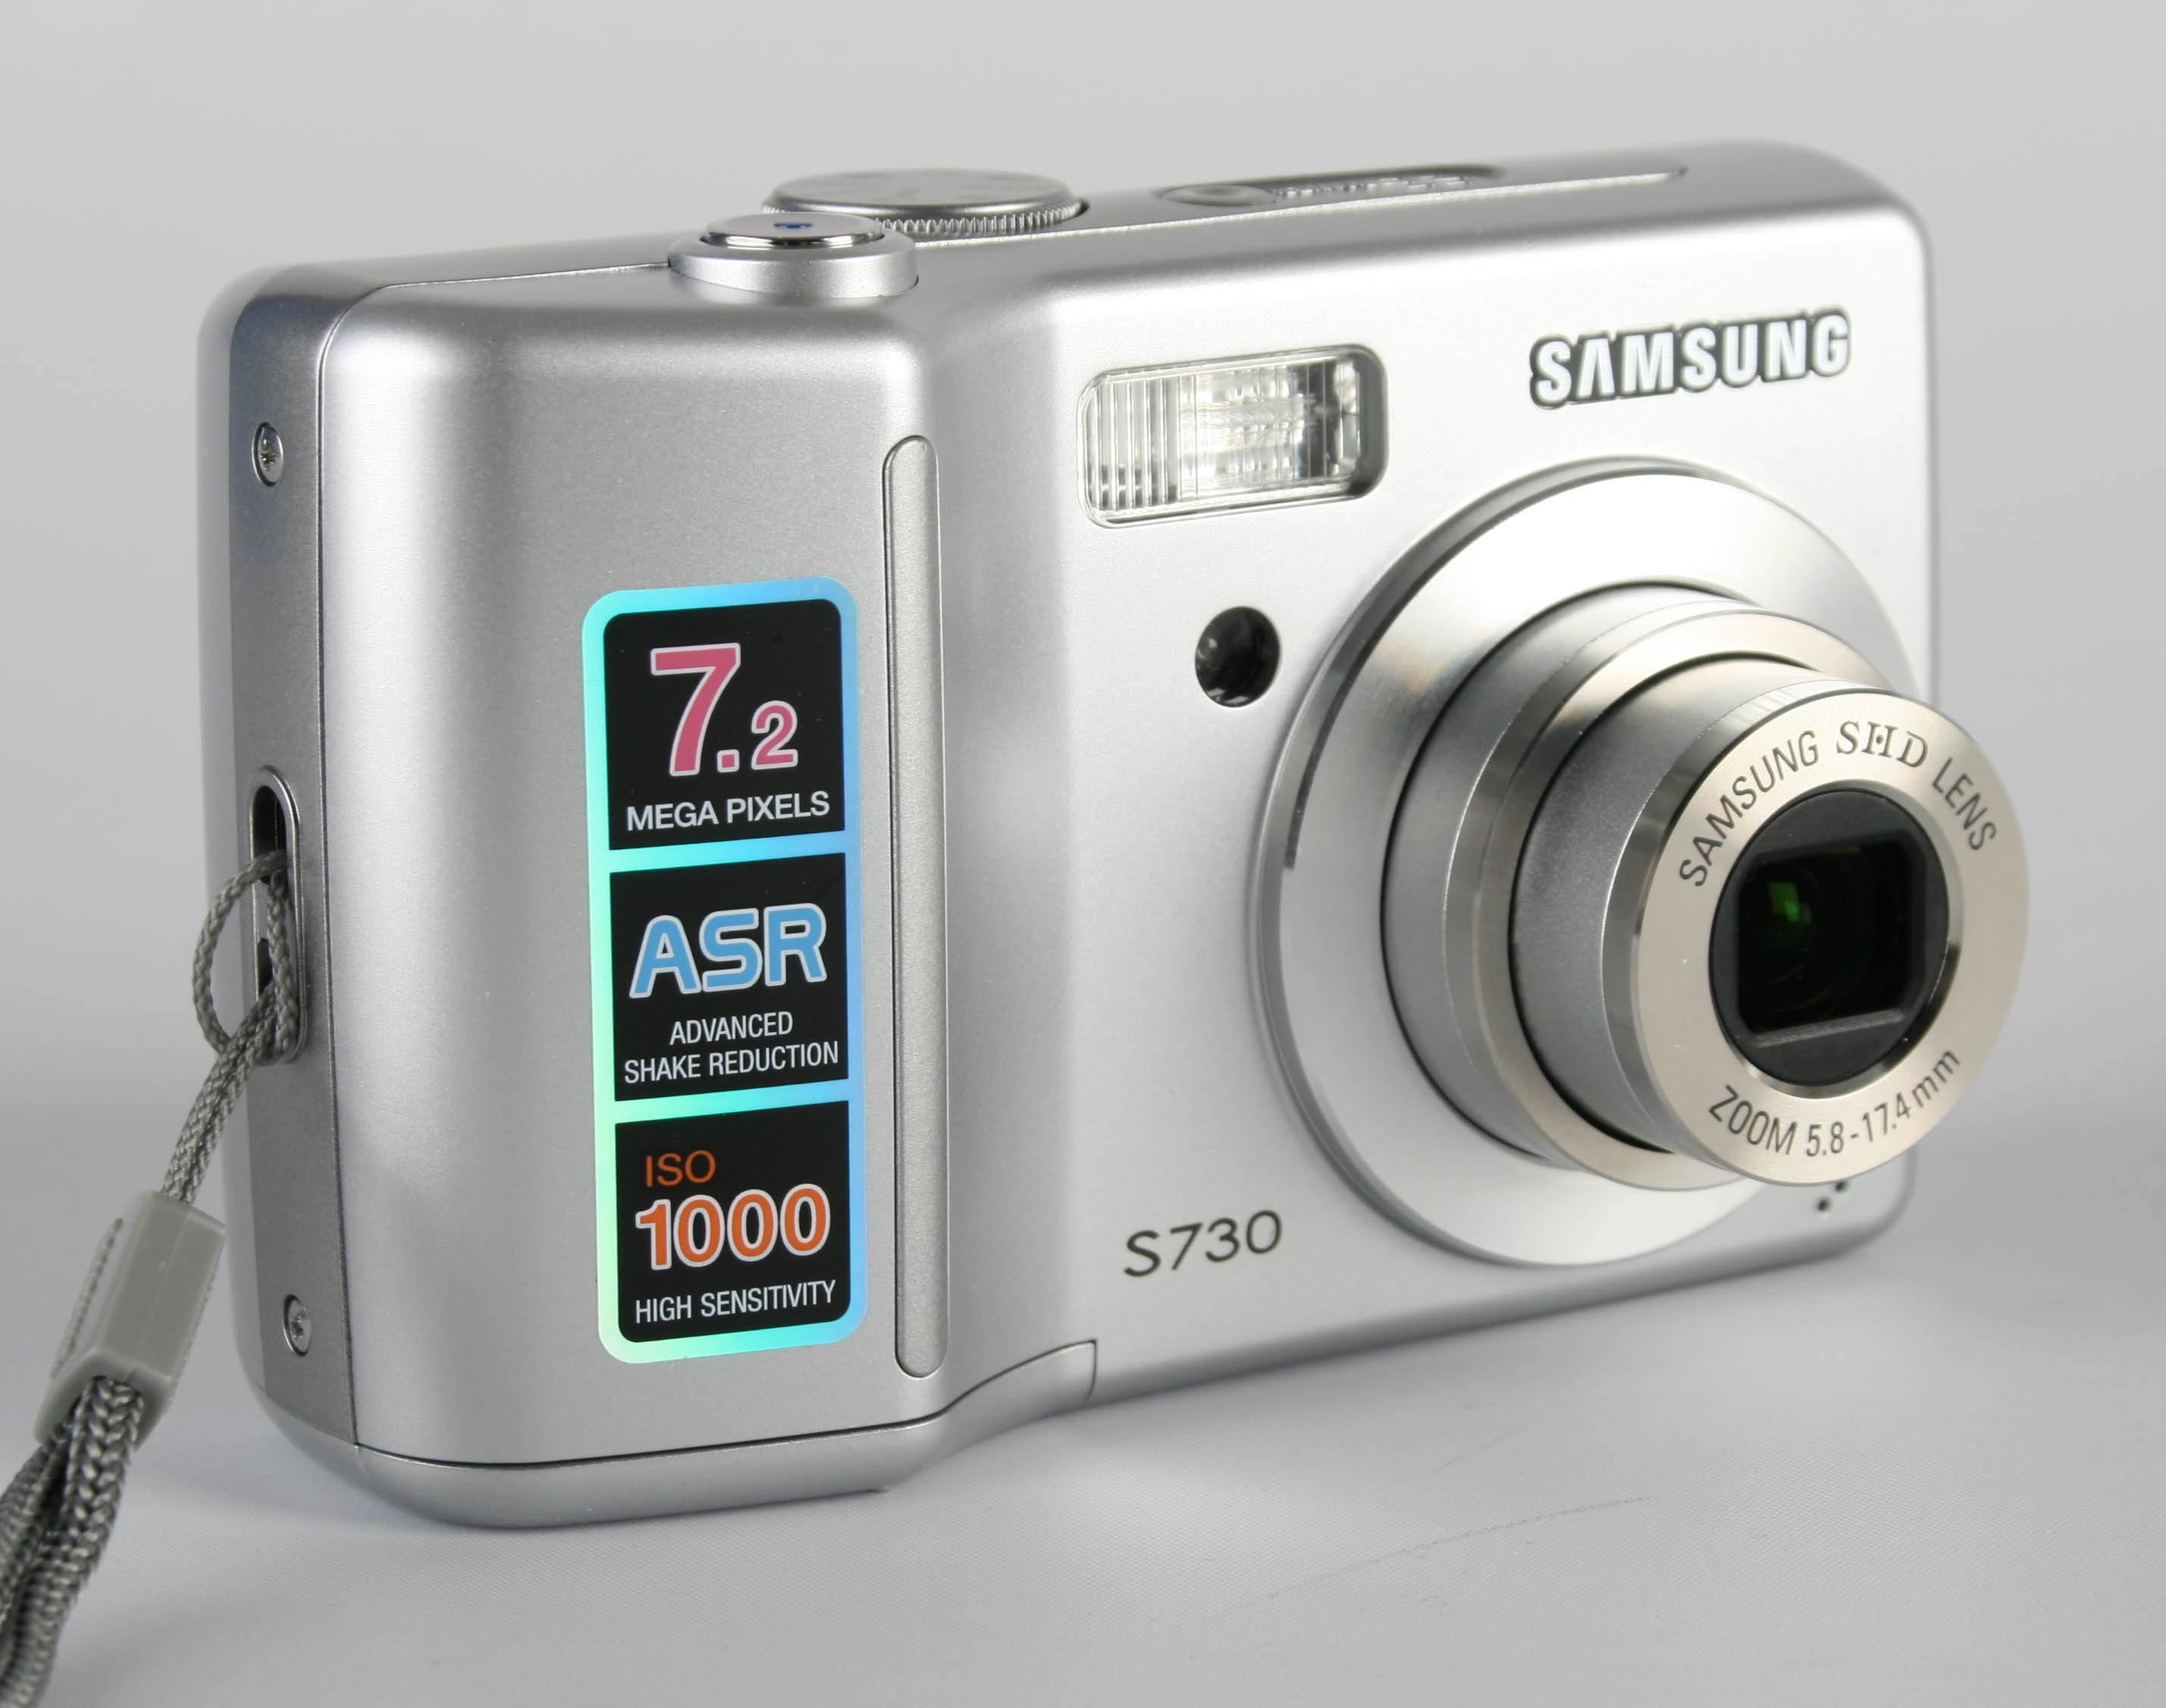 samsung digimax s730 digital camera review rh ephotozine com Samsung S730 Accessories Samsung I7